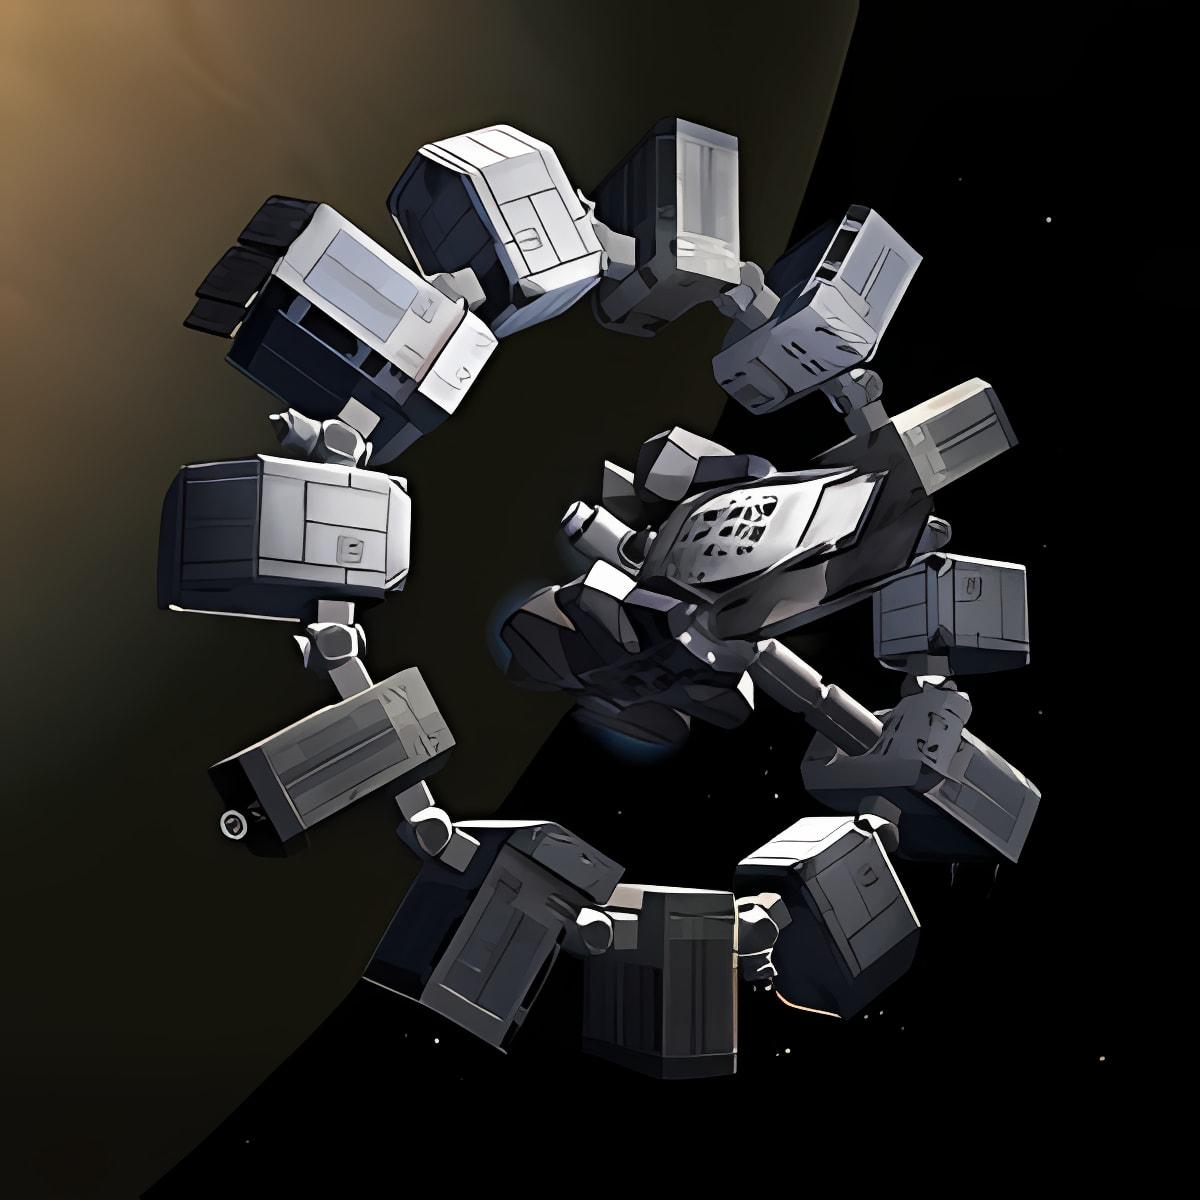 Interestelar Interstellar 1.0.3